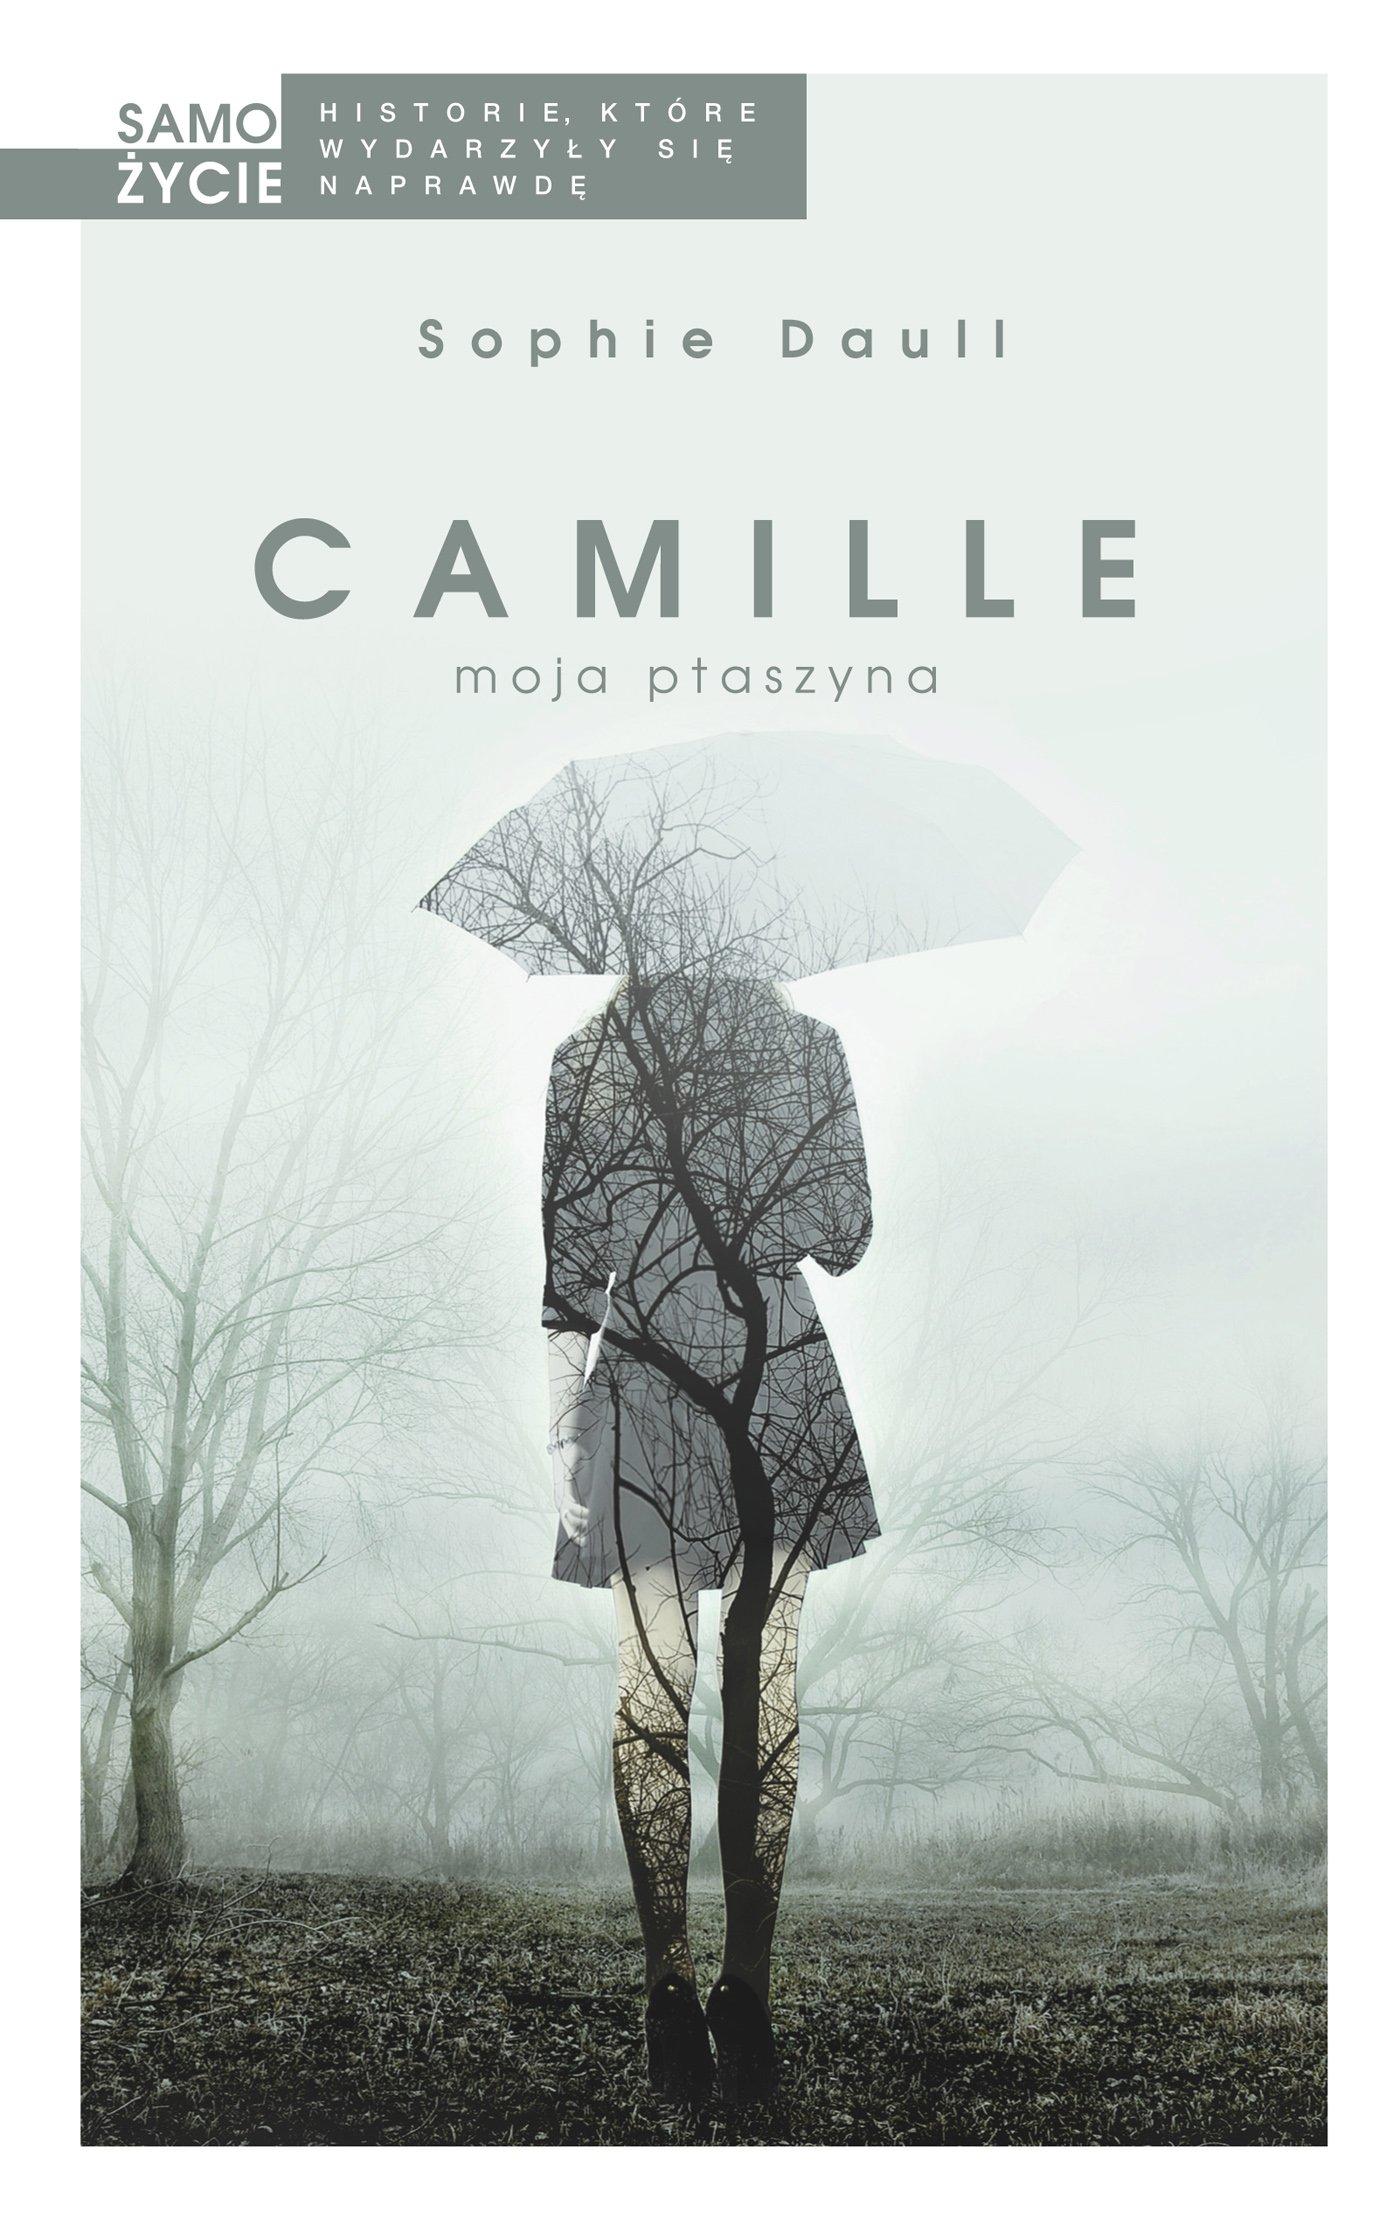 Camille, moja ptaszyna - Ebook (Książka EPUB) do pobrania w formacie EPUB